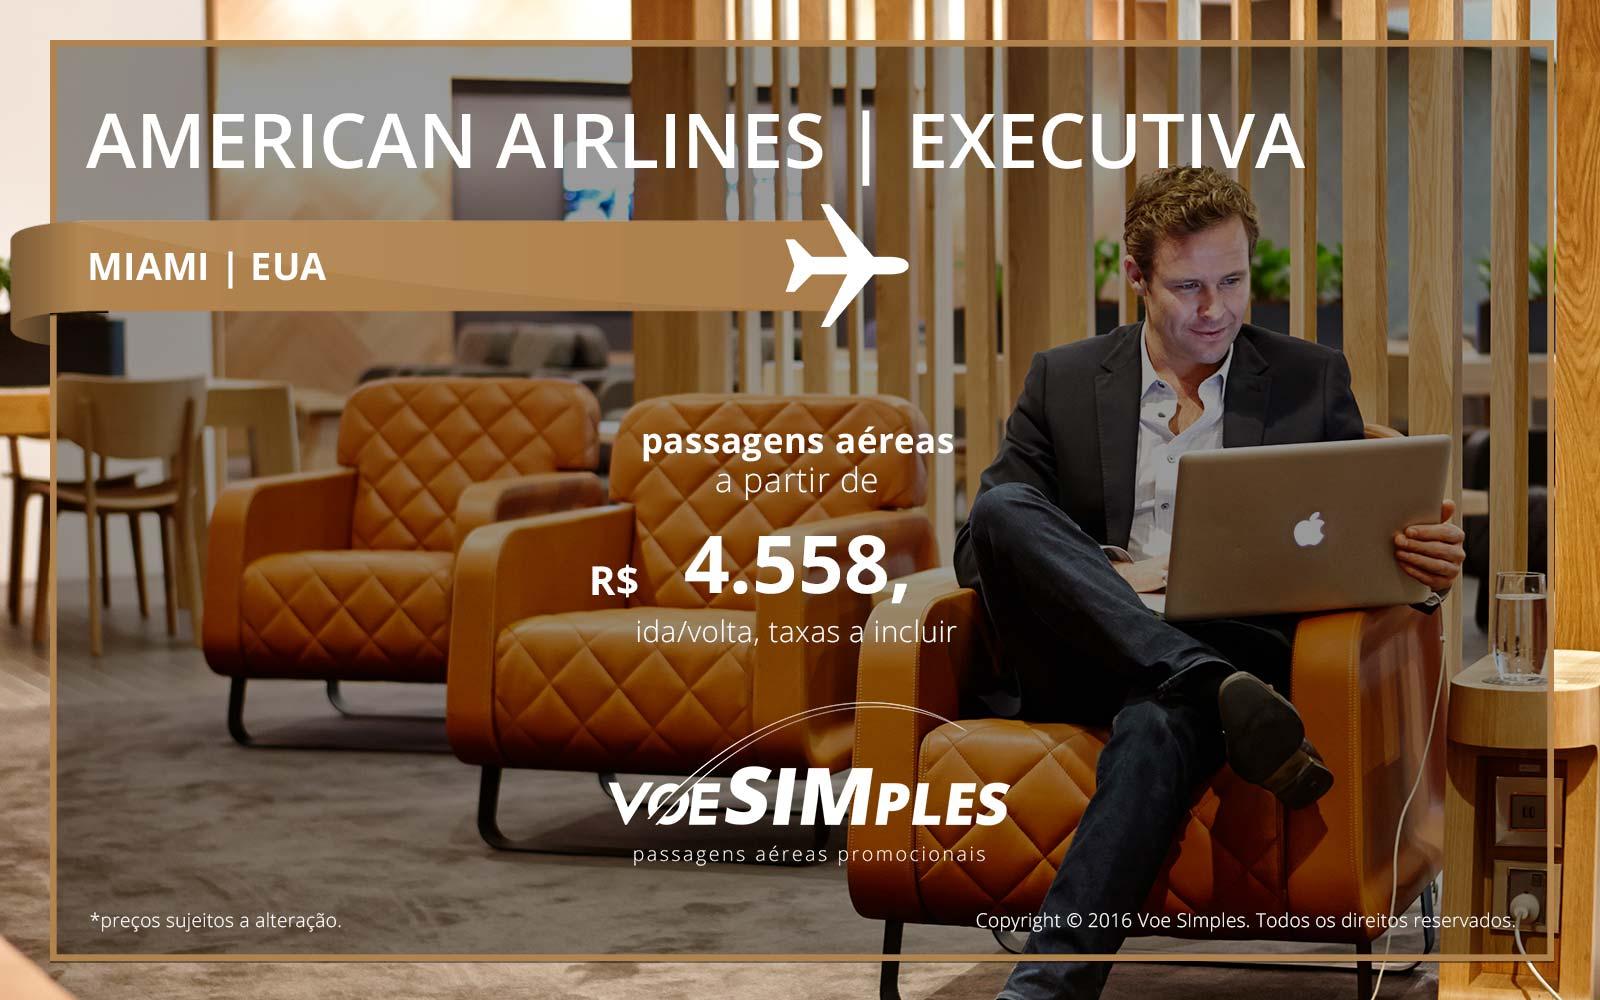 passagem-aerea-promocional-eua-miami-classe-executiva-voe-simples-promocao-passagens-aereas-miami-passagens-aereas-promo-eua@2x